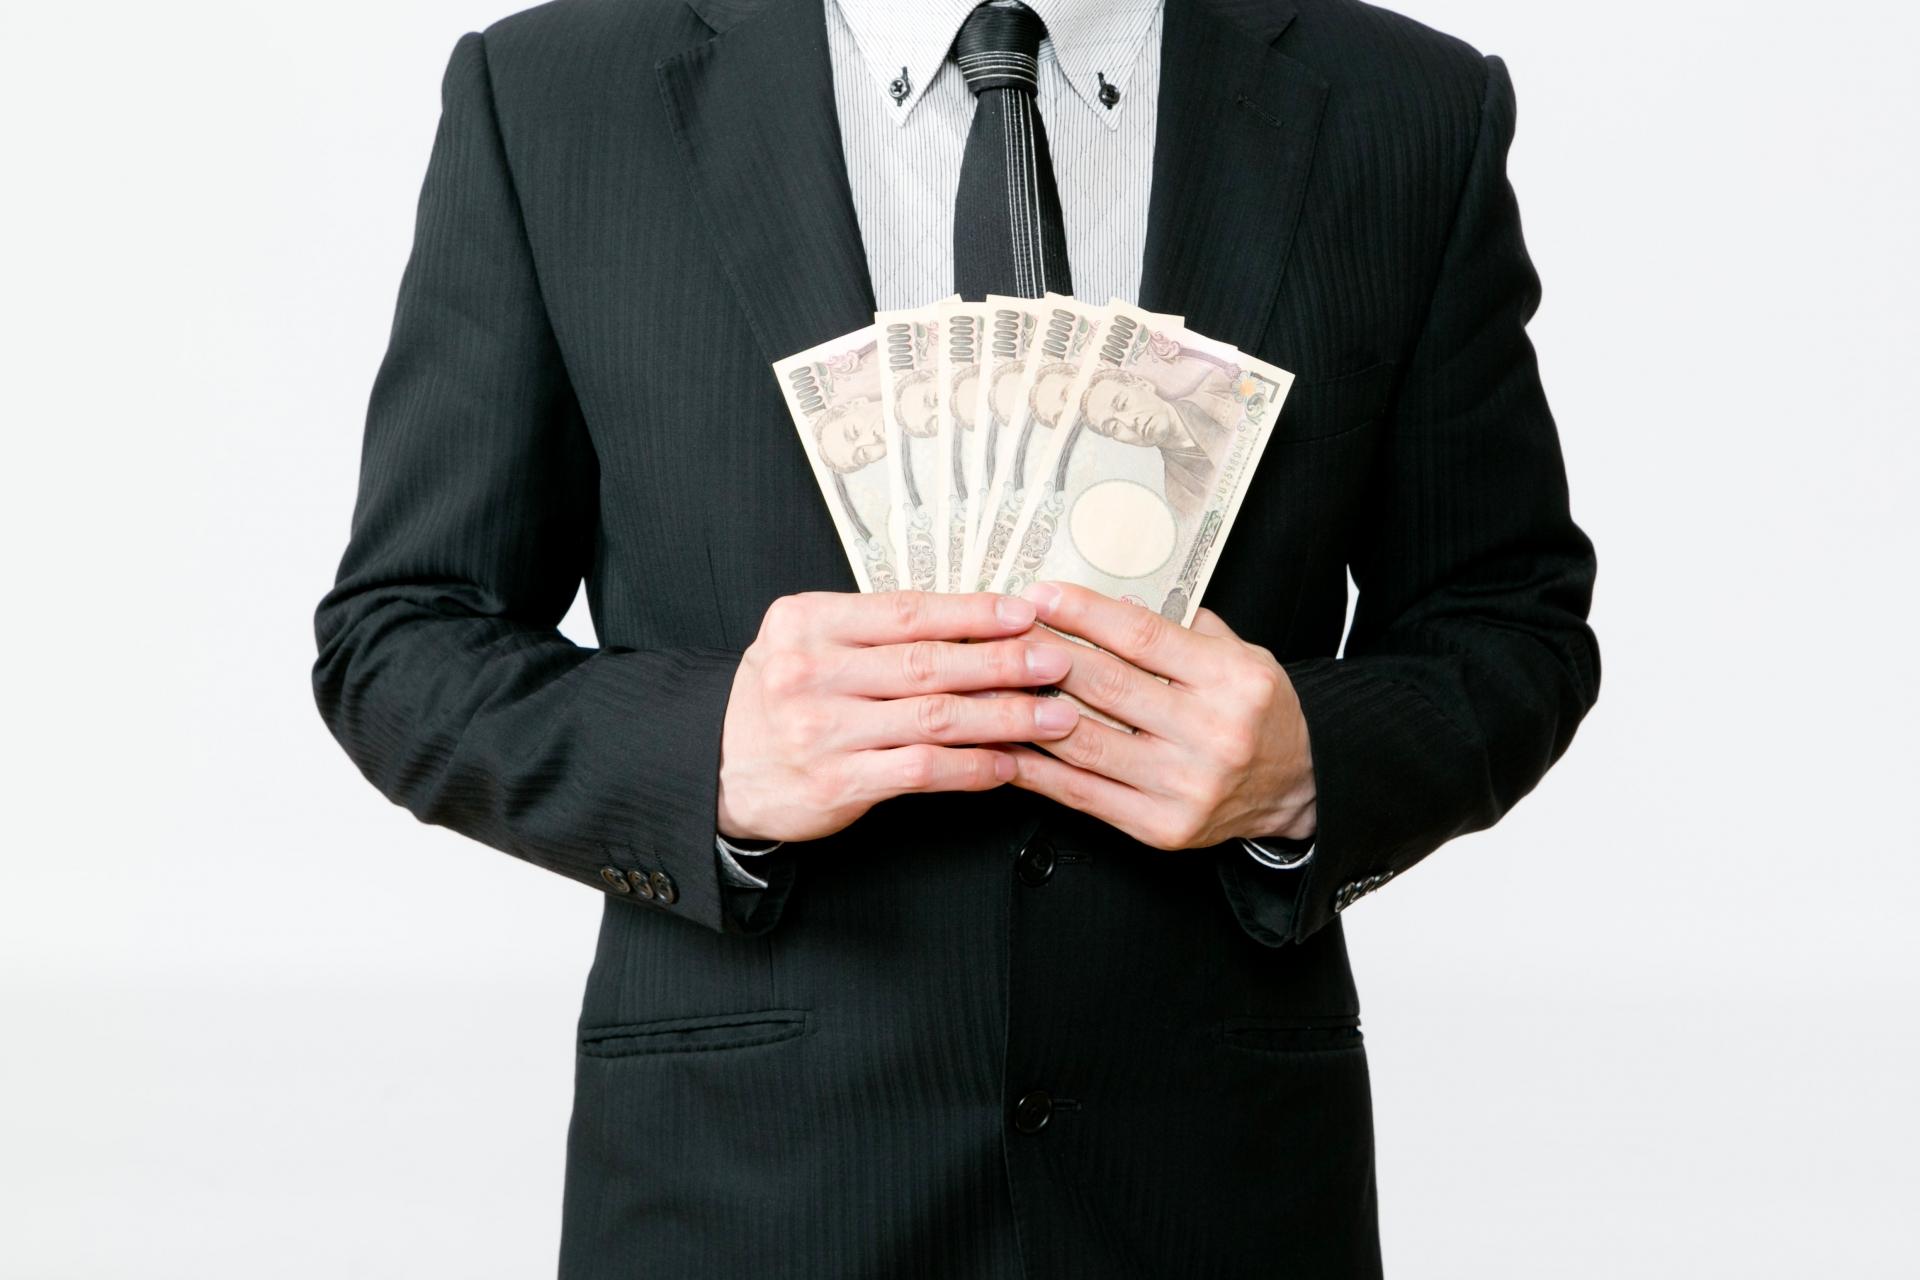 個人で銀行融資を受ける場合に気を付けたいポイントとは